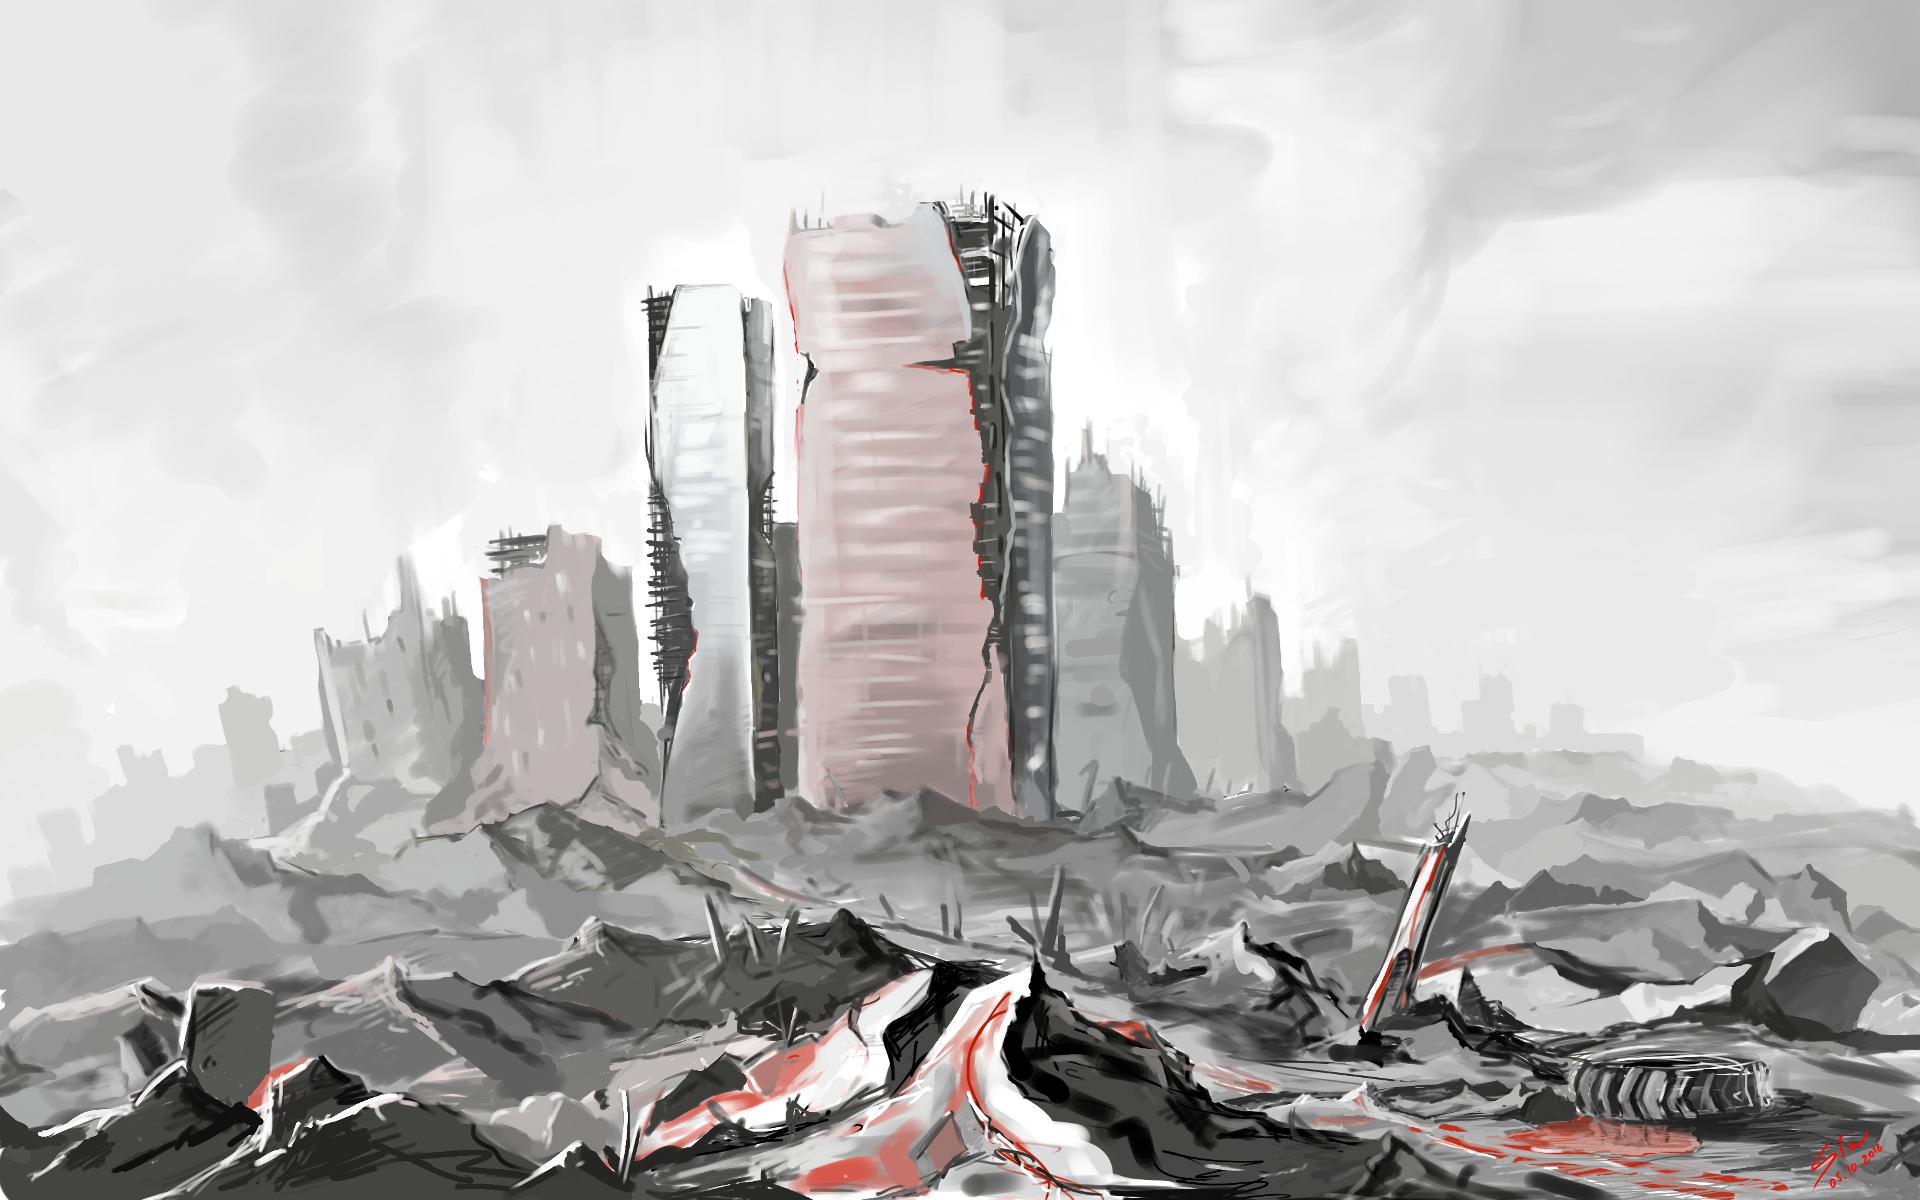 apocalyptic_01_1920.jpg